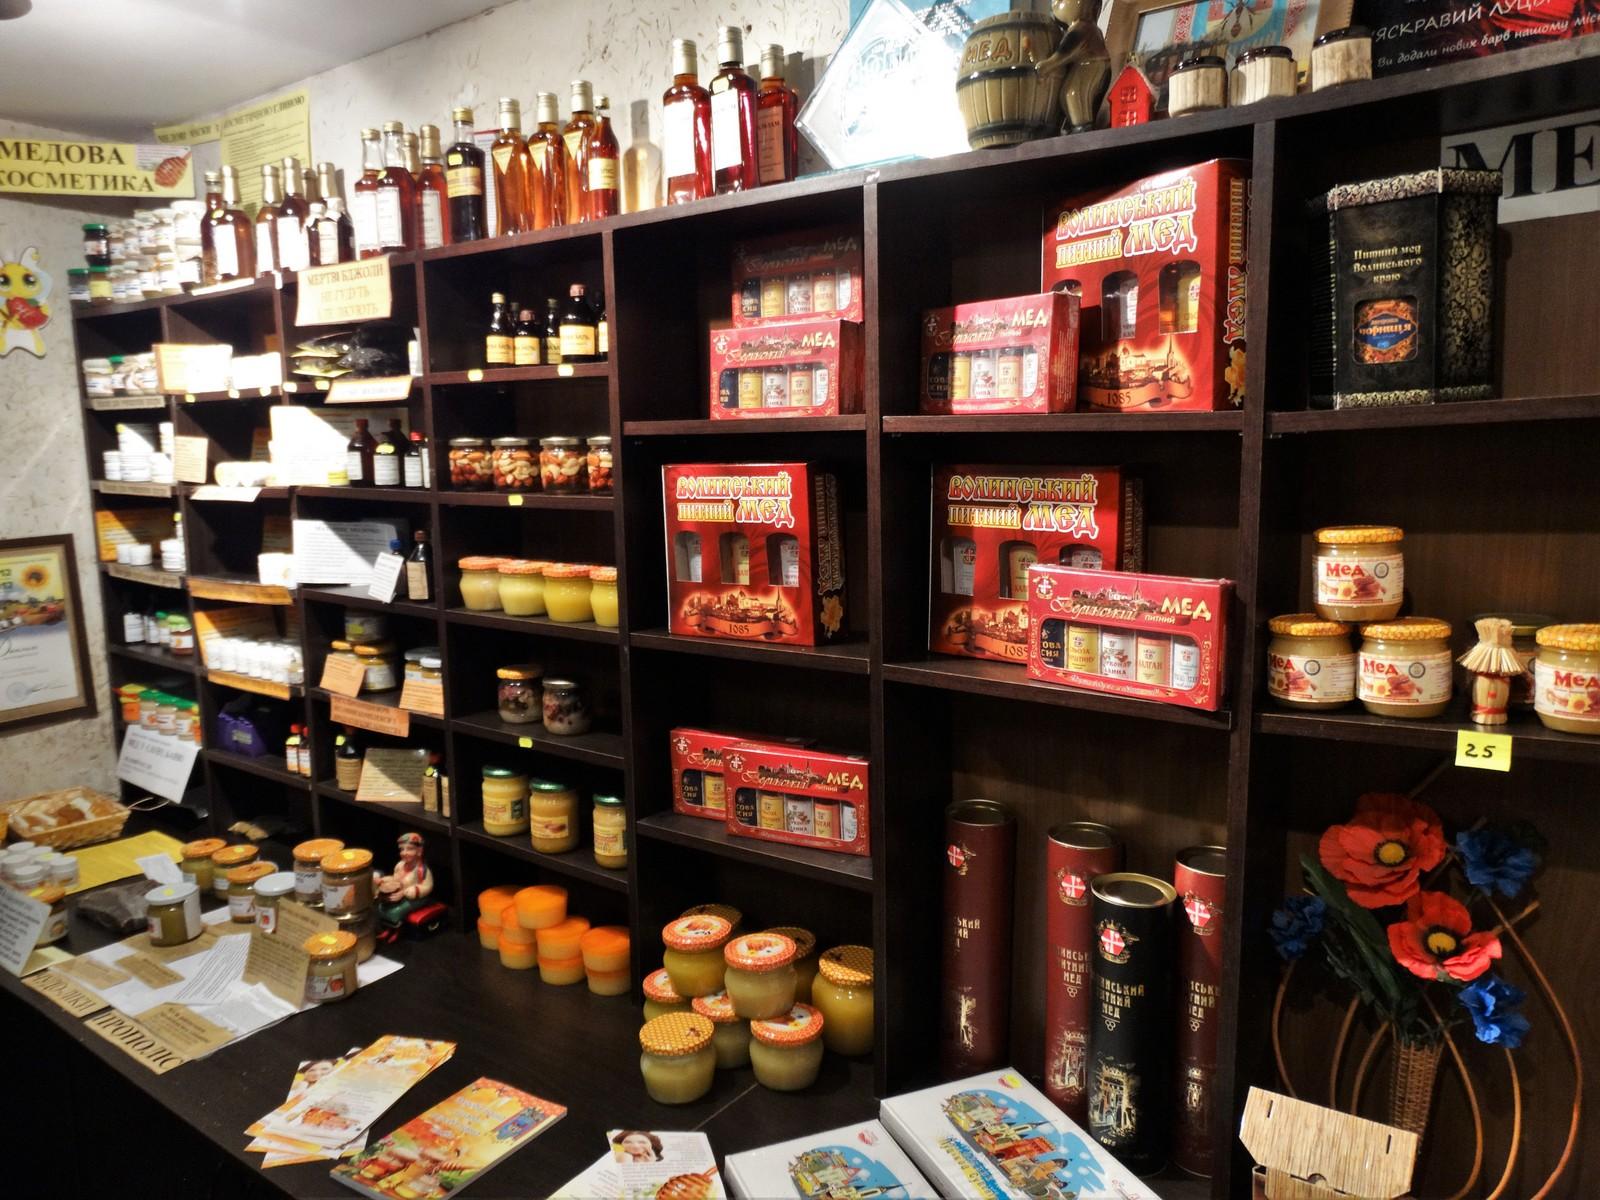 Медова хата (тури від 3850 грн) центр традиційної культури